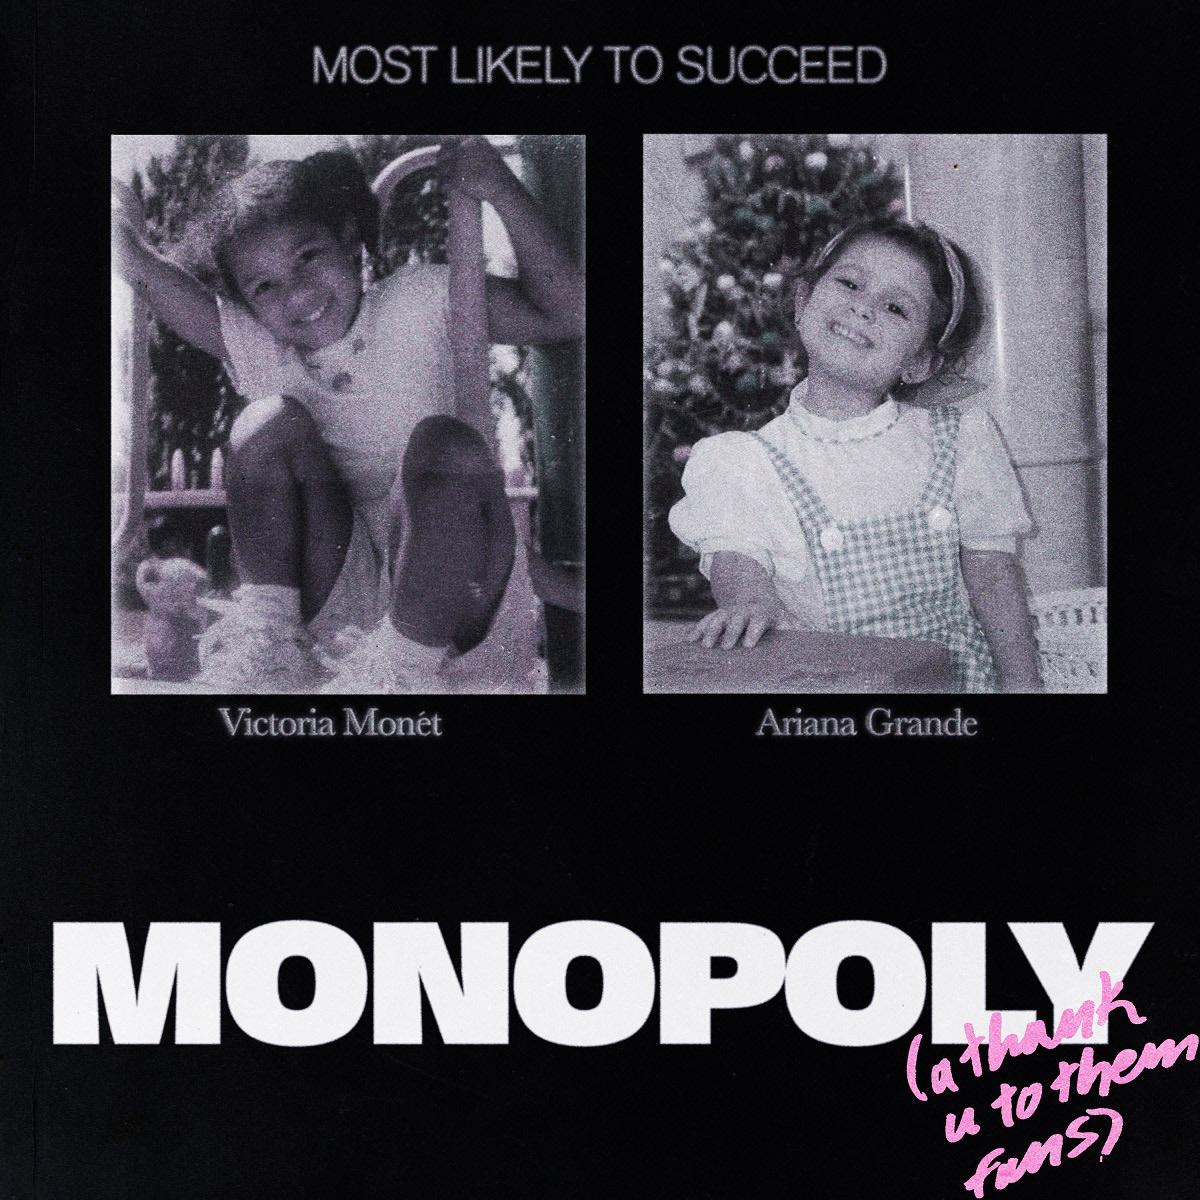 アリアナ・グランデ&ヴィクトリア・モネ 「MONOPOLY」